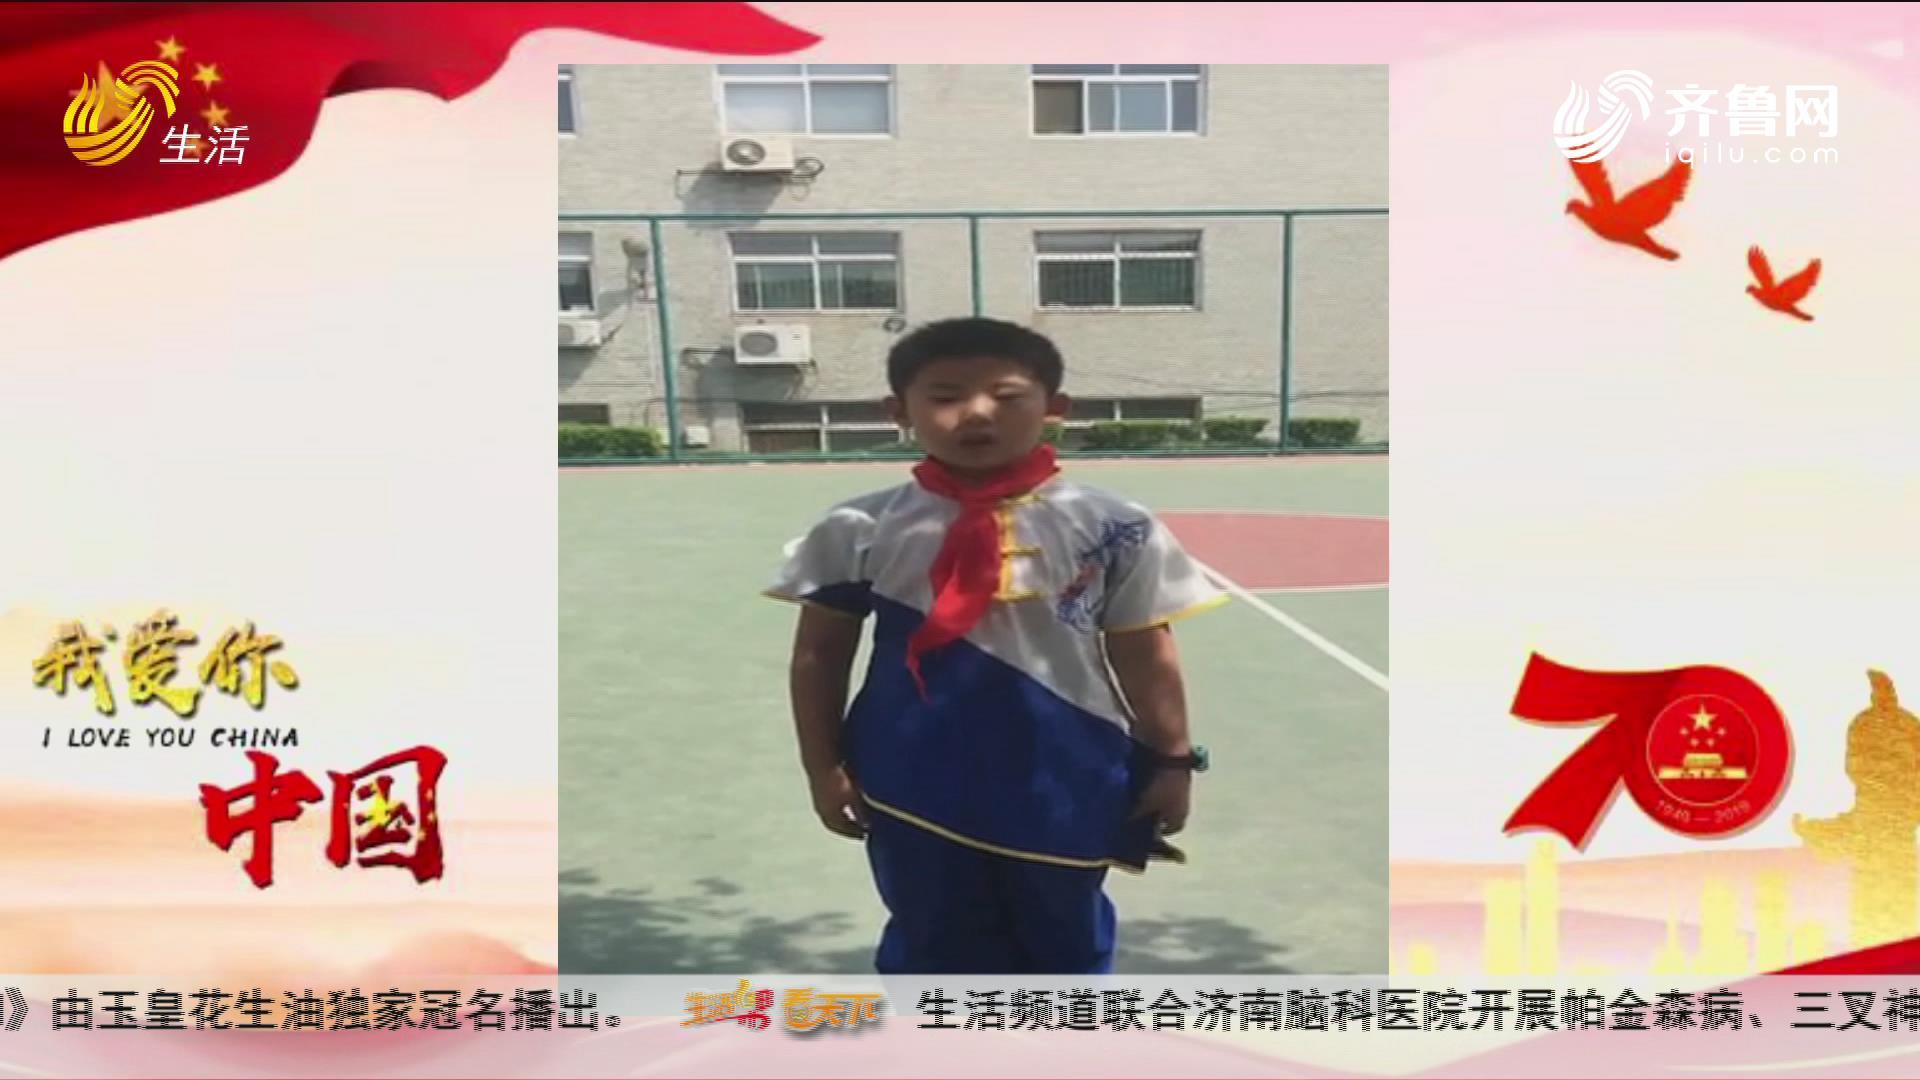 壮丽七十年 奋进新时代 我爱你中国 青少年短视频征集活动20190906